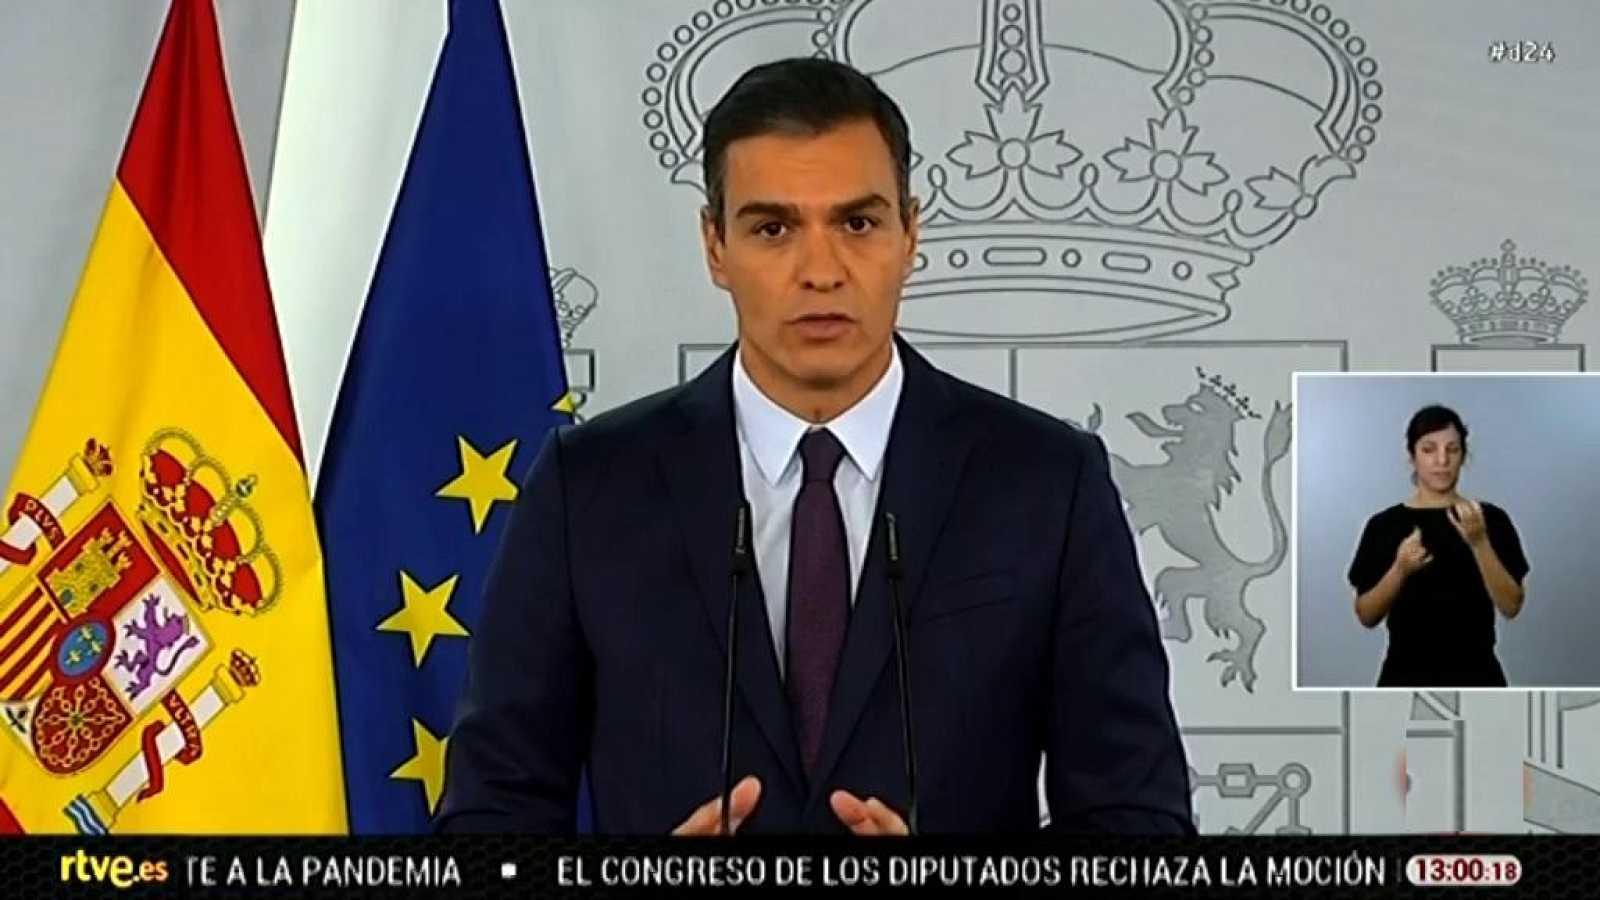 Especial informativo - Comparecencia del presidente del gobierno, Pedro Sánchez - 23/10/20 - ver ahora